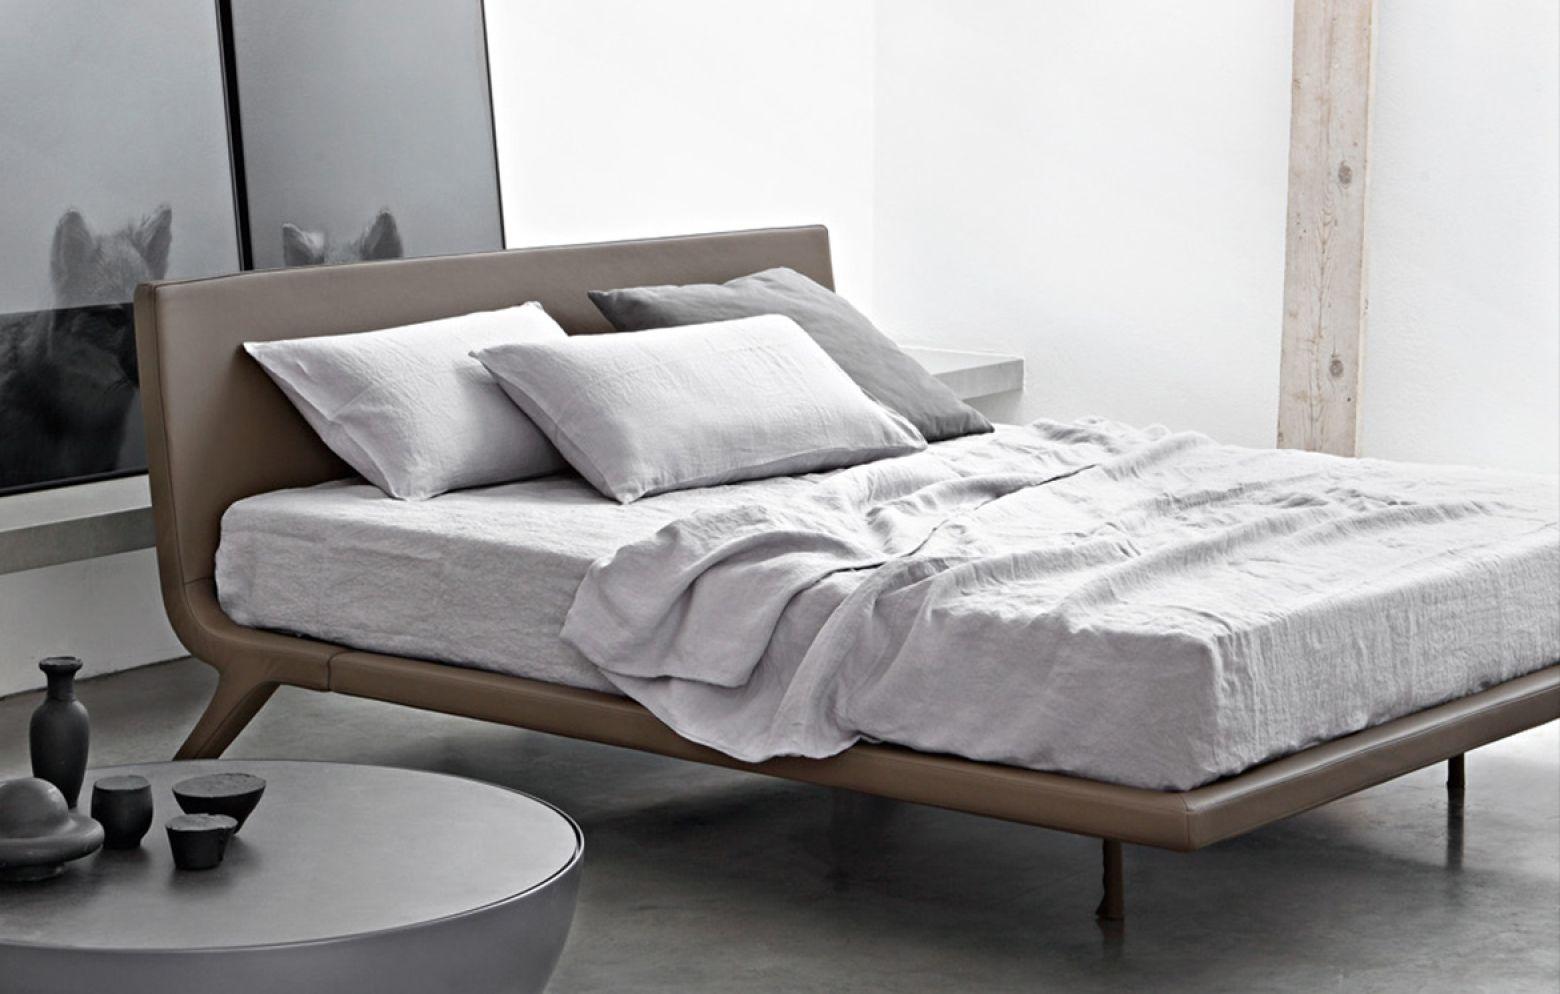 Das Bett STEALTH präsentiert sich im minimalistischen